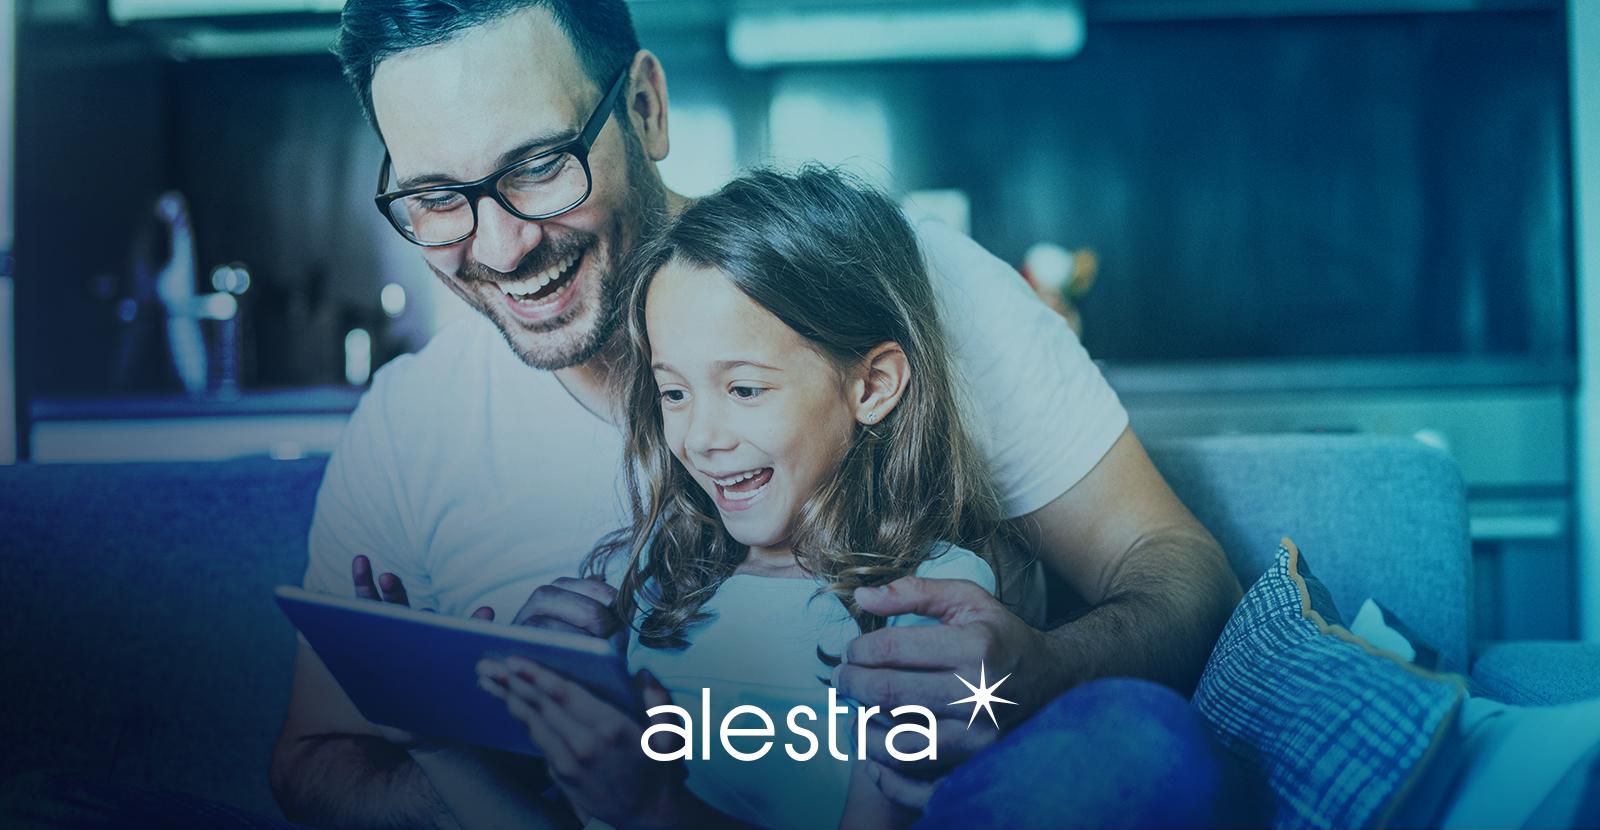 Padre e hija juegan juntos en una tableta.